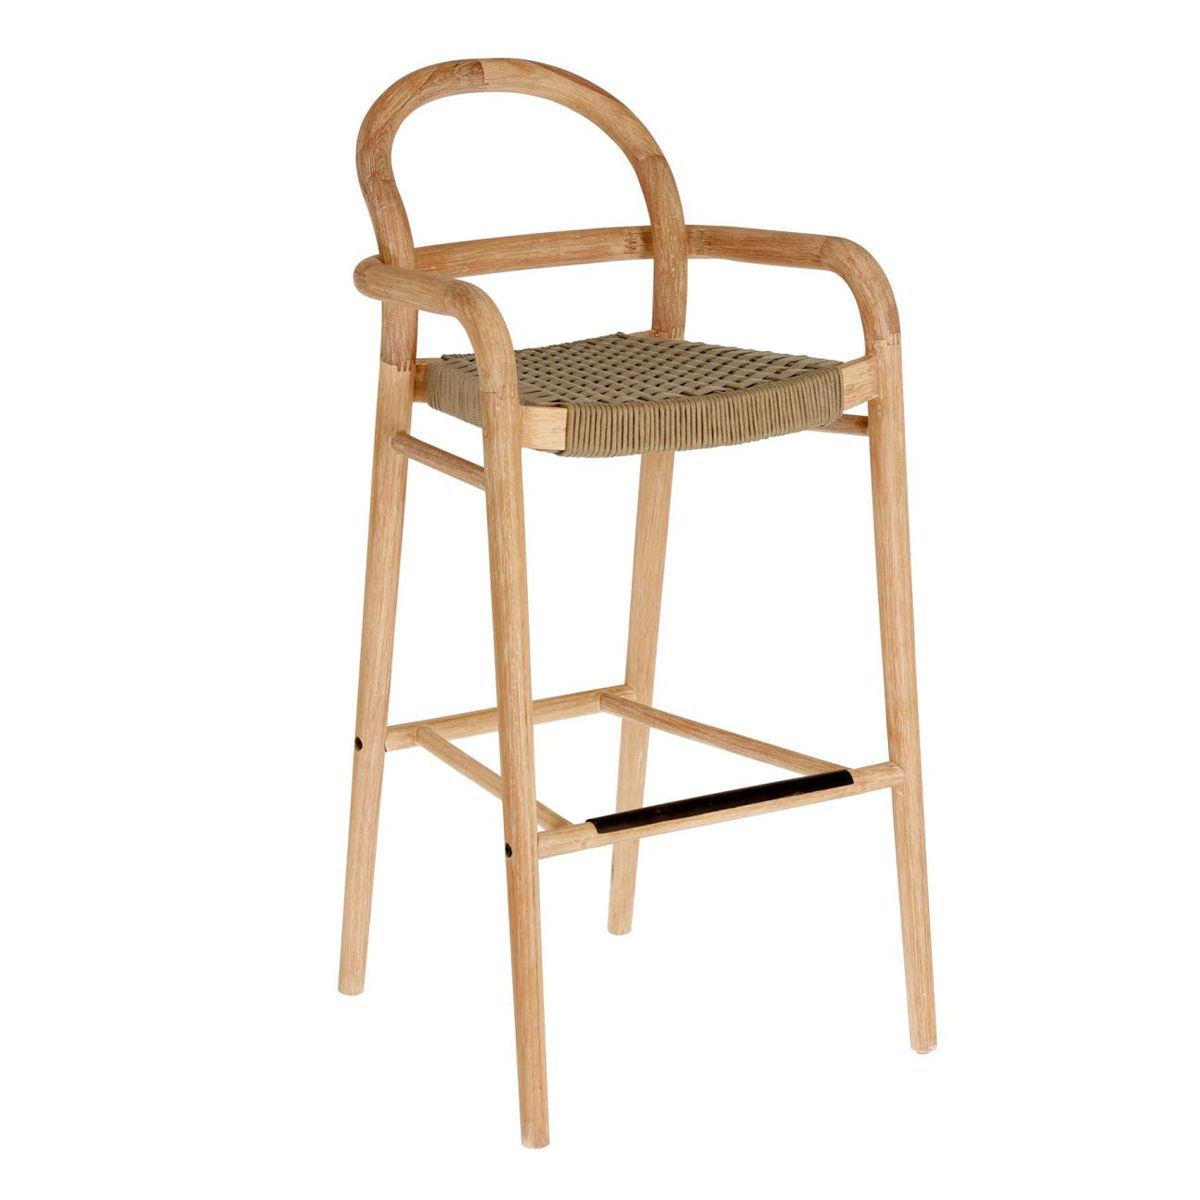 Chaise haute tressée en corde plate - Beige - H 110 cm x 54 cm